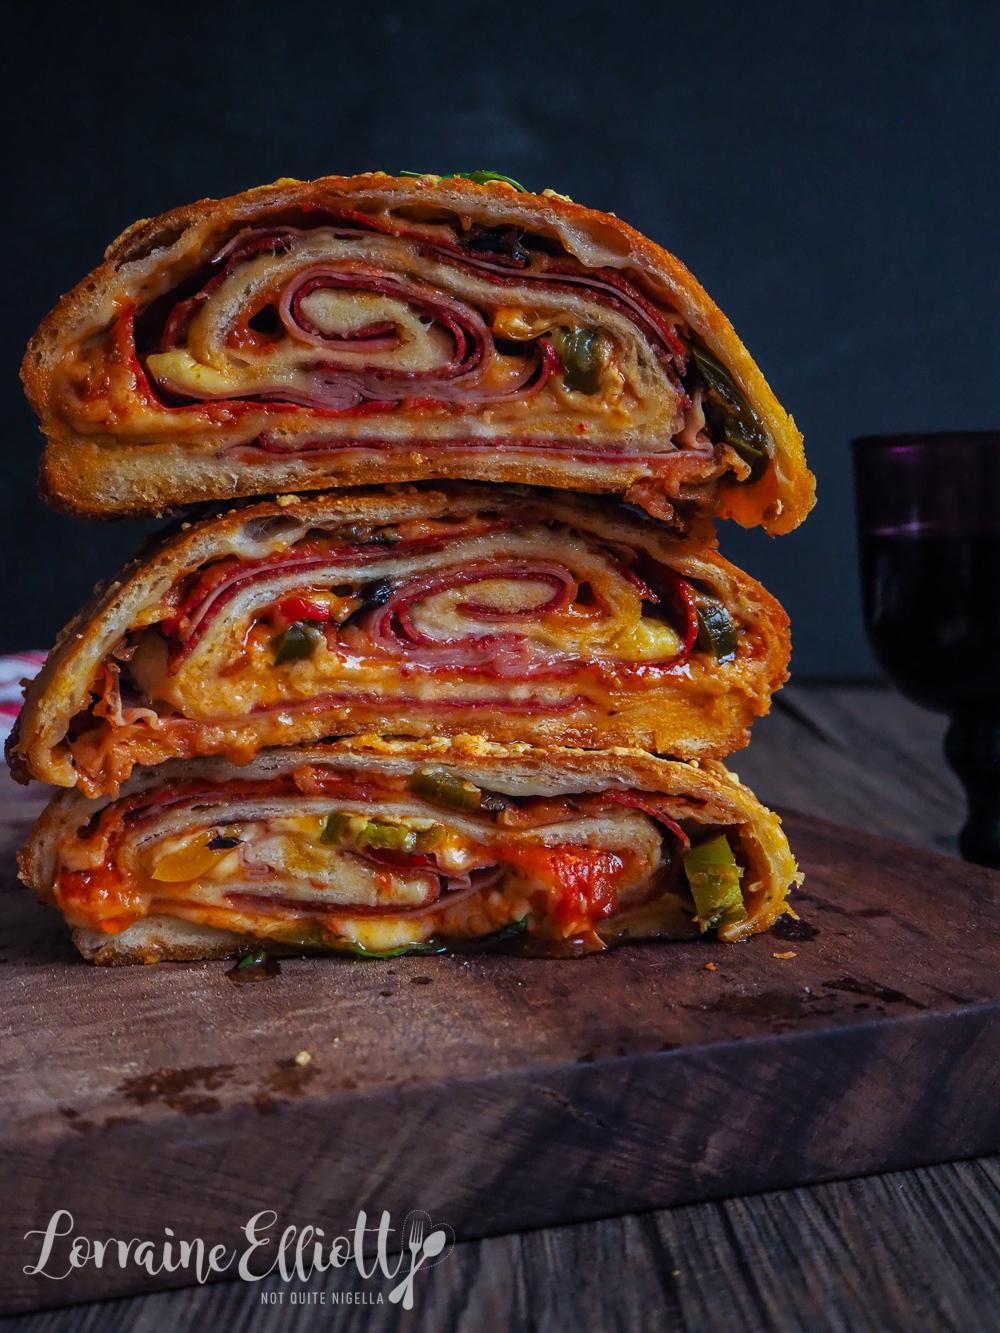 Top 5 Pizza Recipes